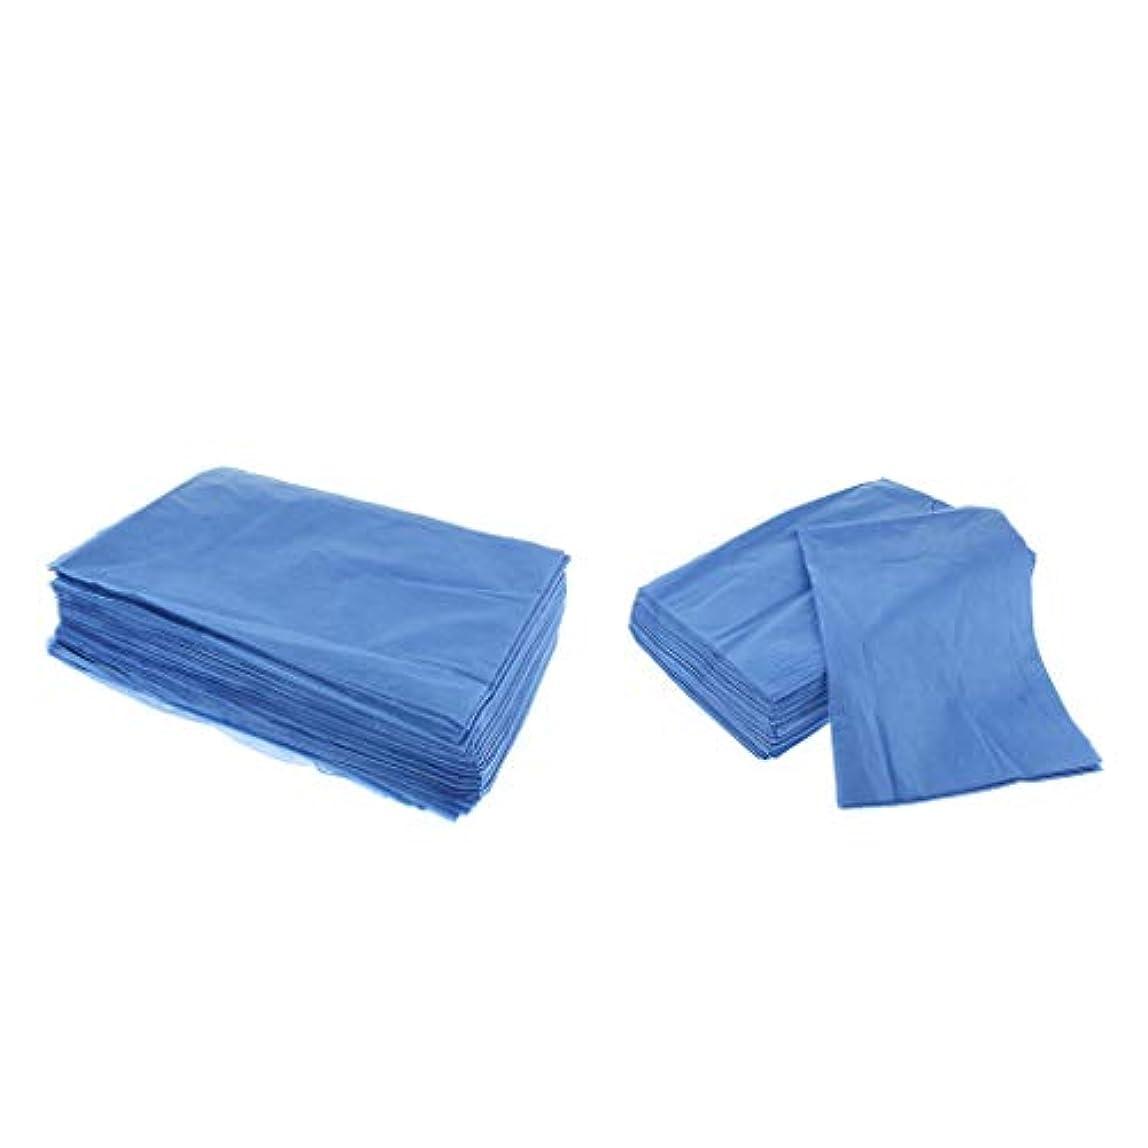 パキスタン発表する戦略Hellery 40ピース/枚/個/枚のパック、失禁用不織布使い捨てシーツ紙、マッサージテーブルシート、フェイシャルビューティー